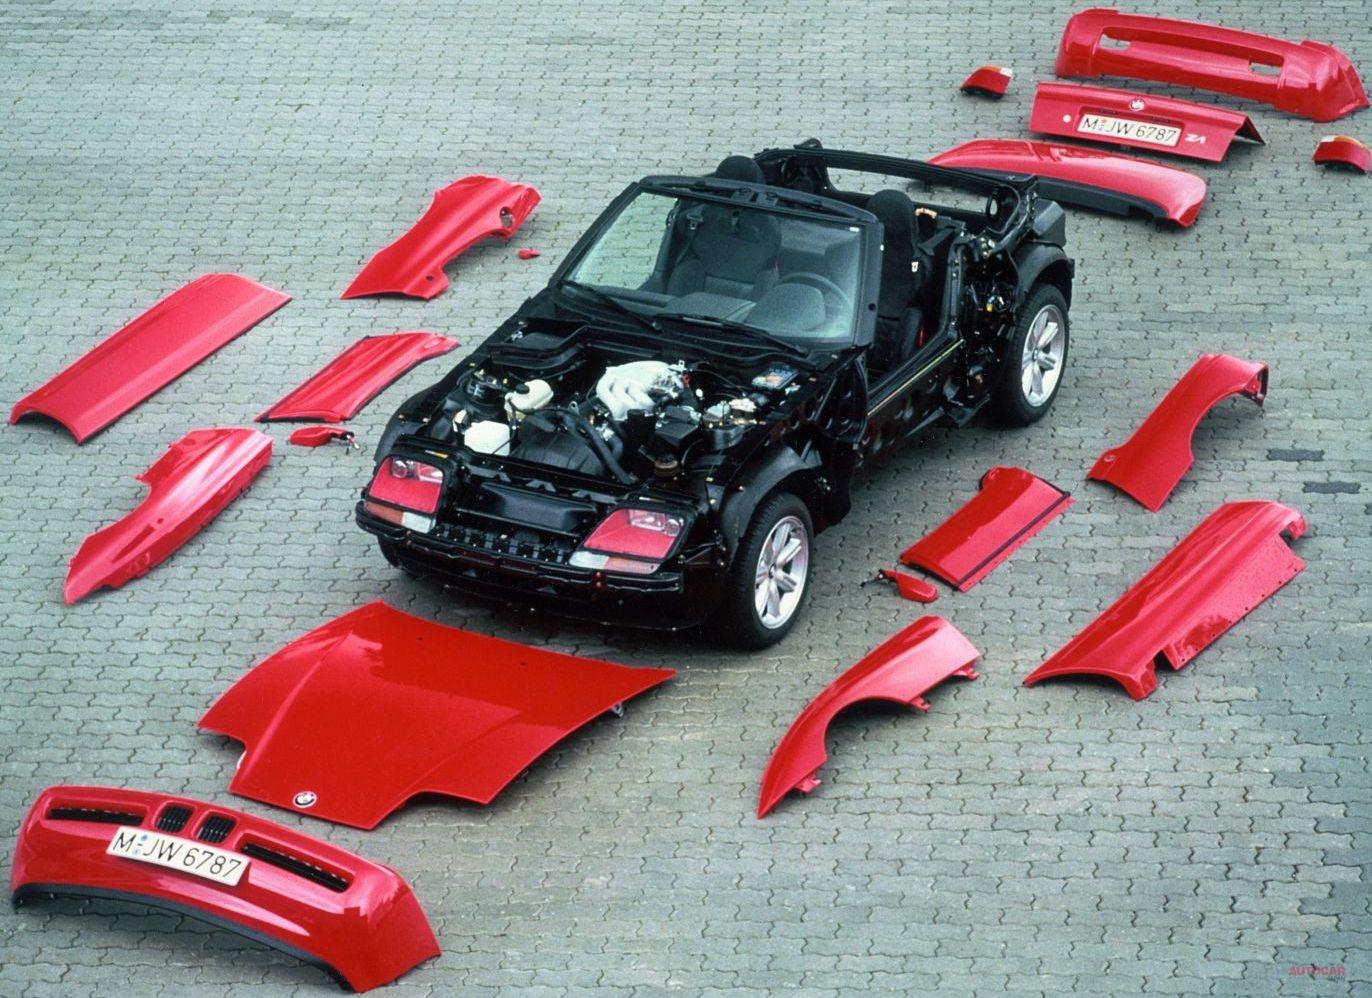 【最初にして孤高】BMW Z1 妥協を排した未来 市販されたコンセプトモデル